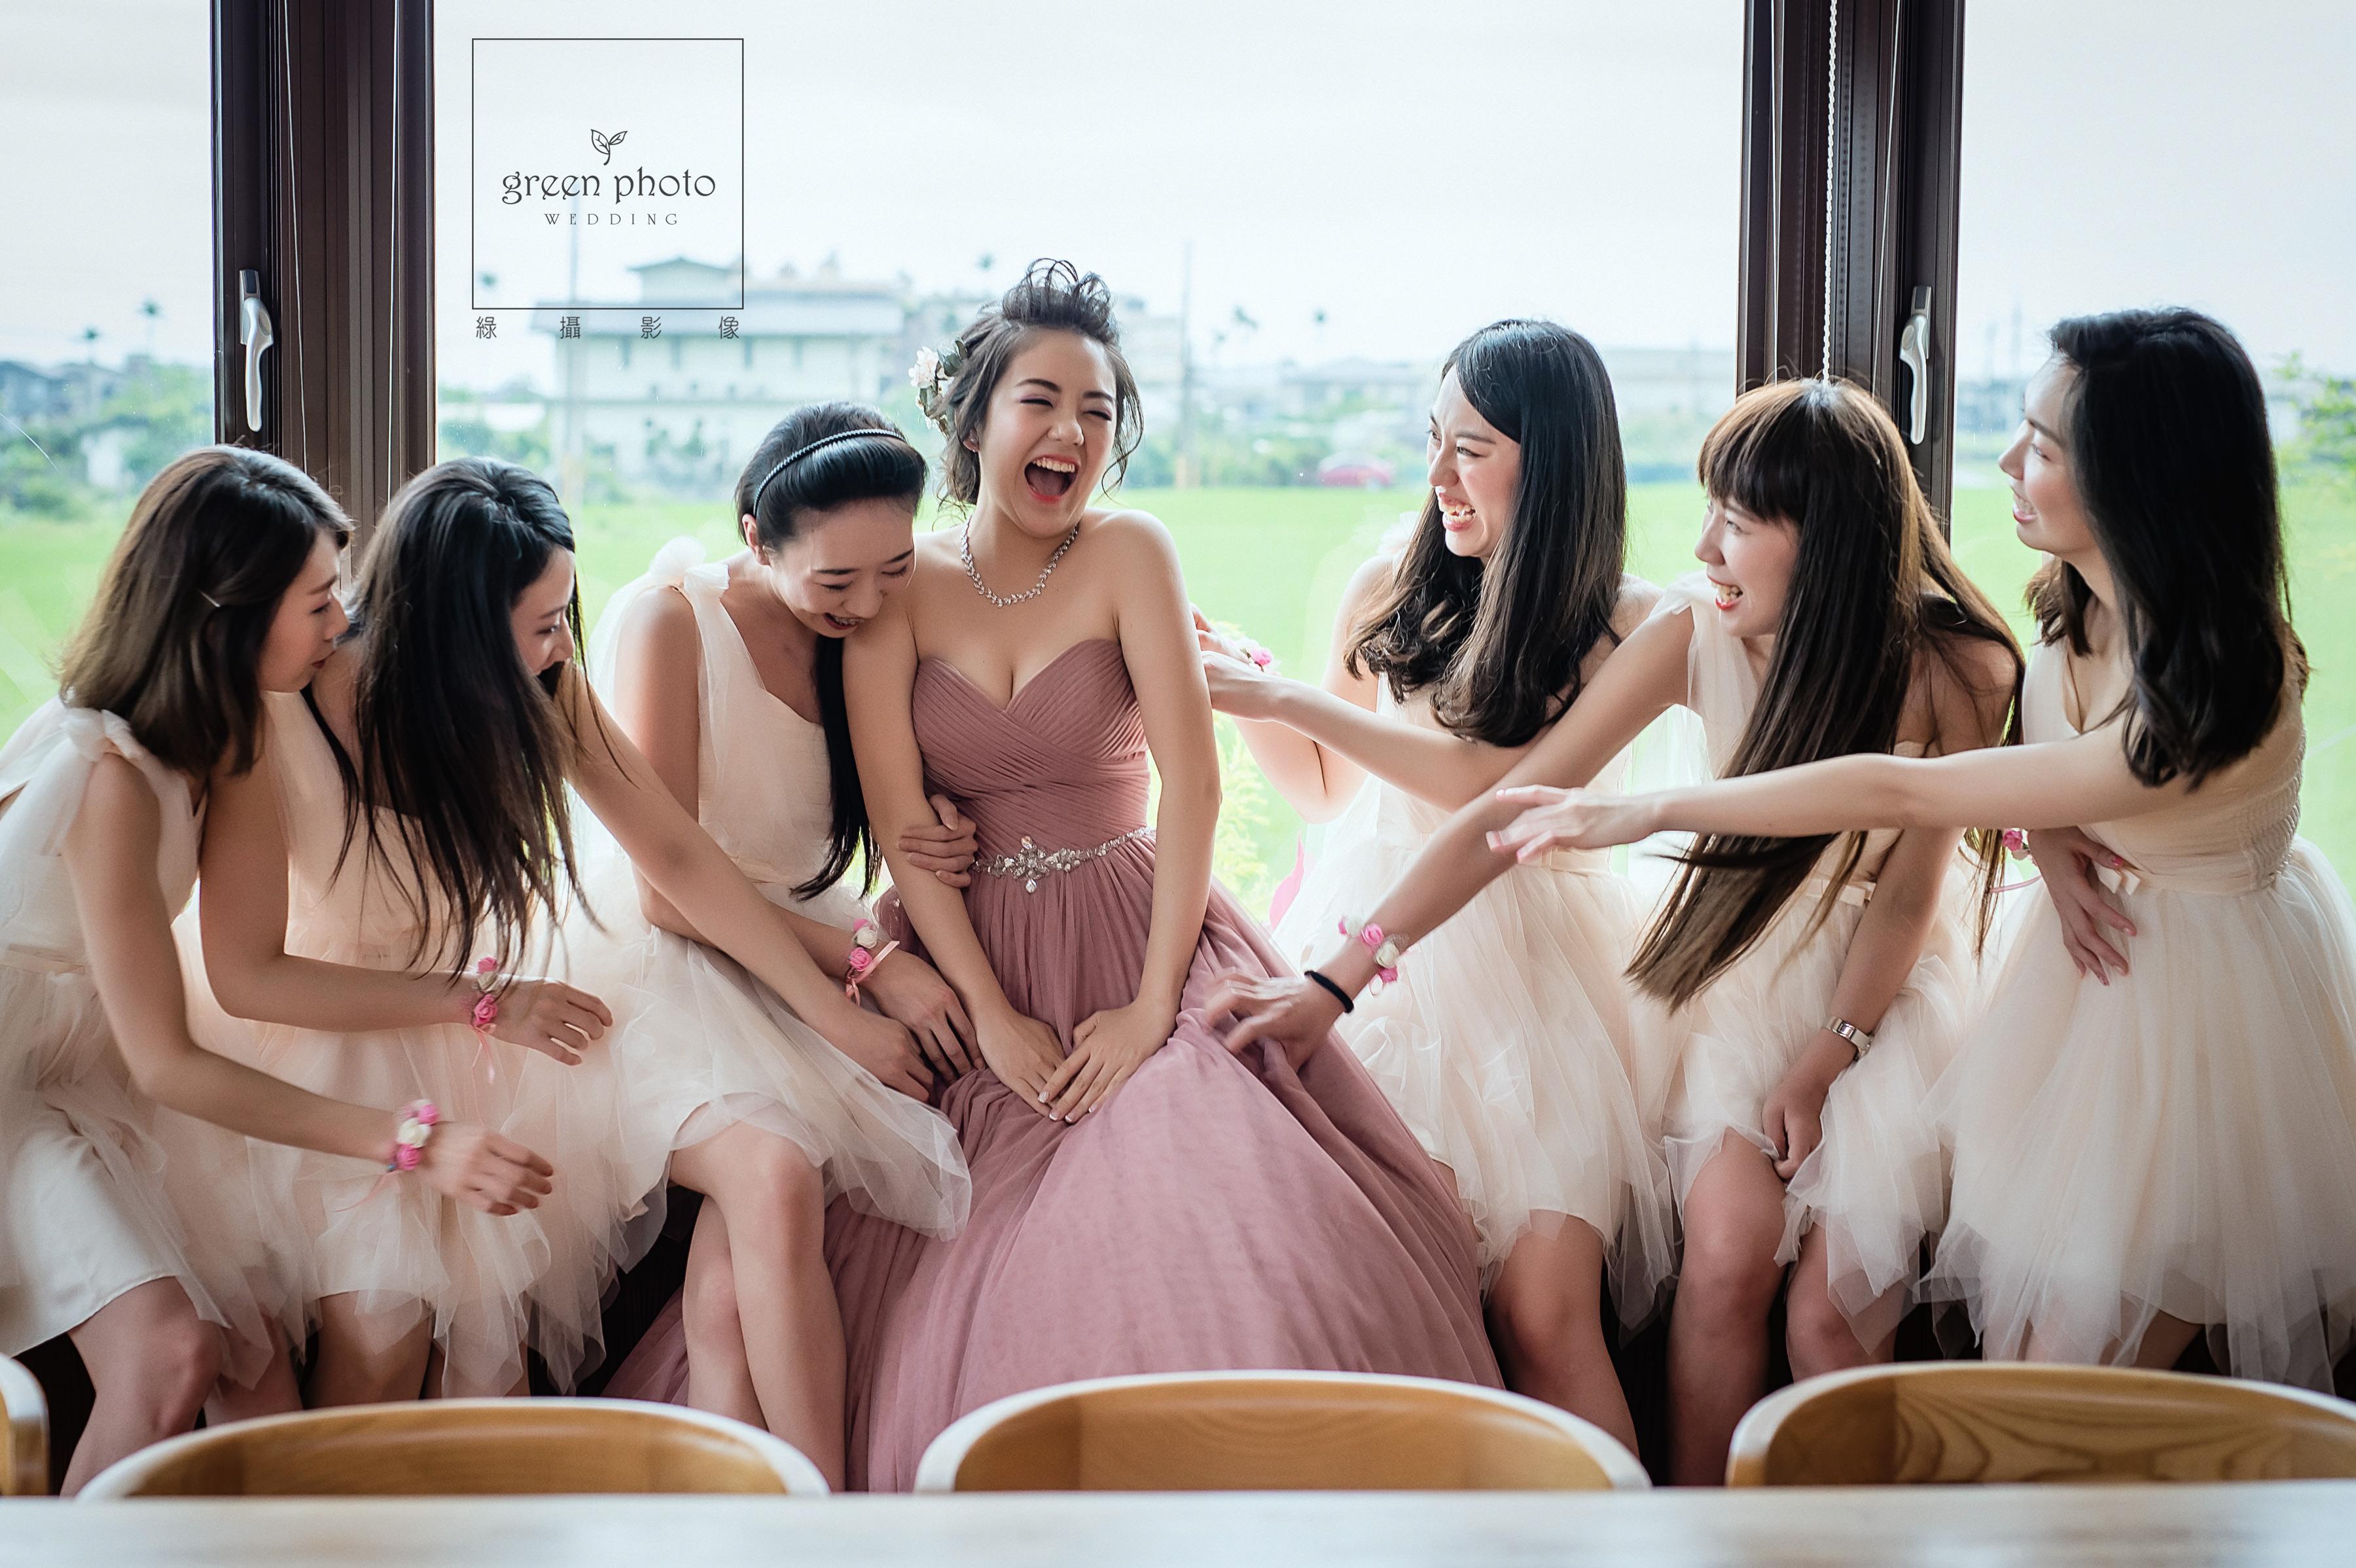 綠攝影像,婚禮紀實,婚攝,宜蘭婚攝,周上,宜蘭婚攝周上,婚禮平面紀實,訂婚儀式,文定儀式拍攝,台北婚攝